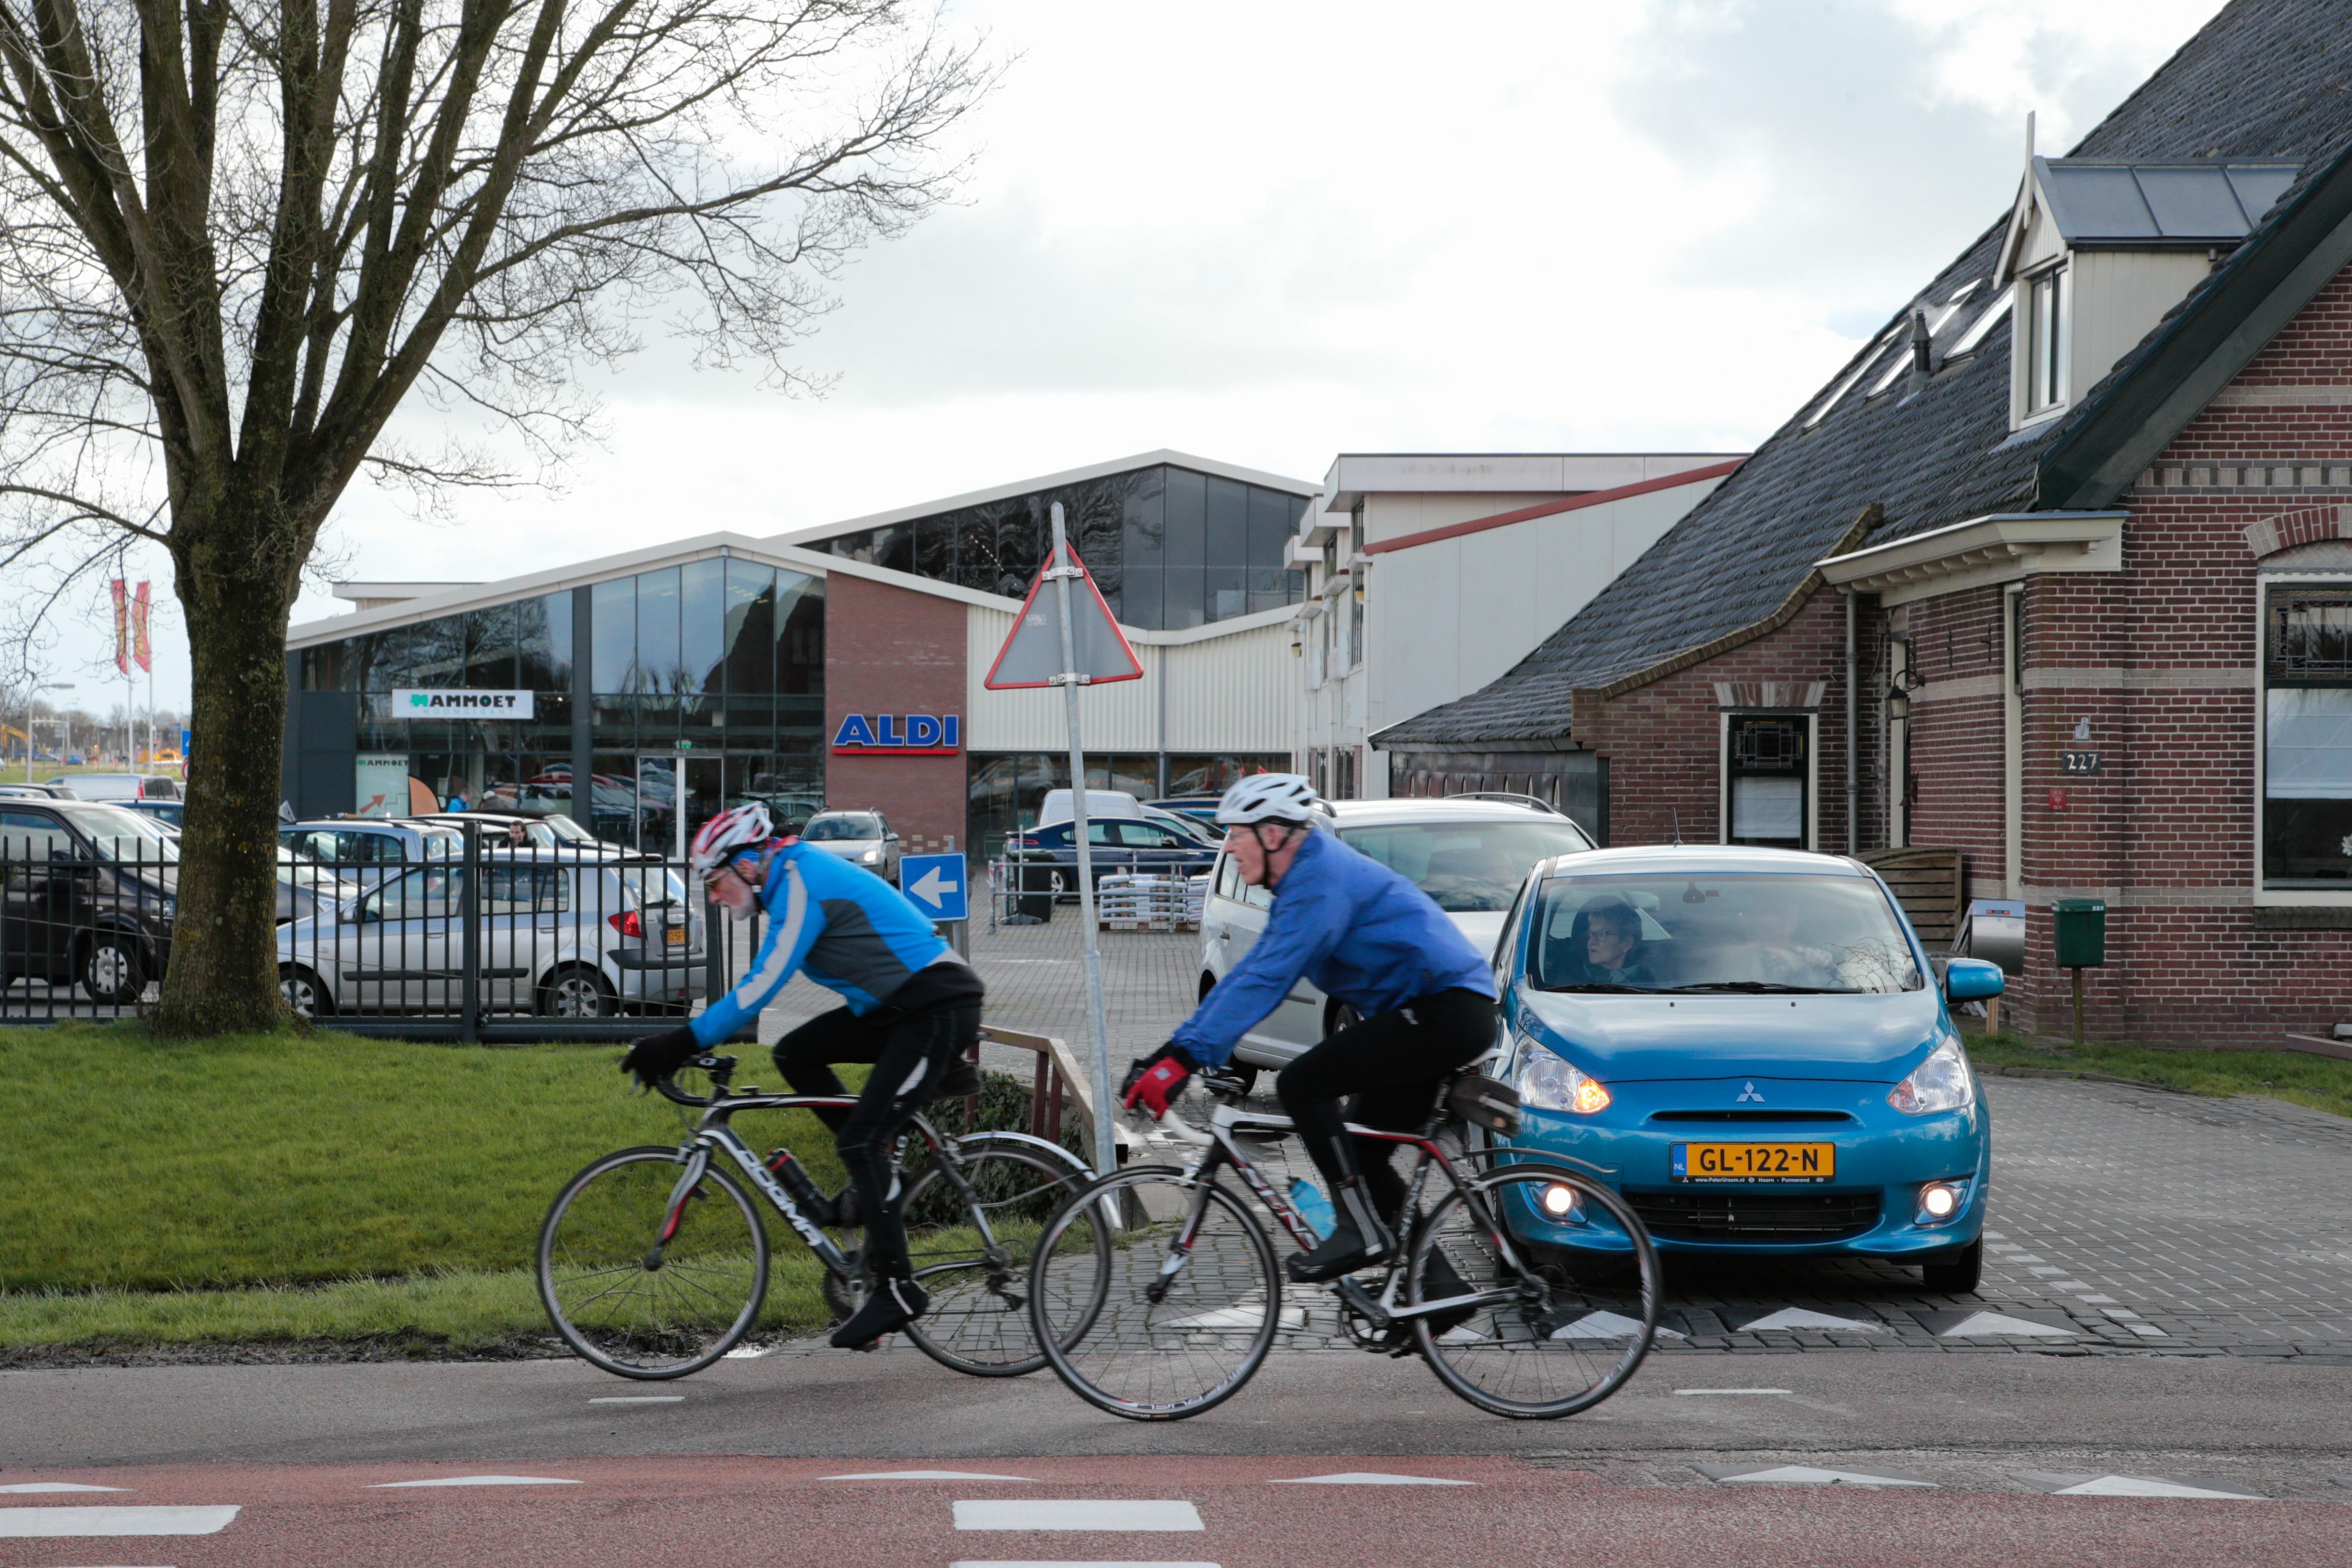 Jarenlange onveilige situatie bij Winkelhart Zwaagdijk wordt aangepakt, belooft burgemeester: 'Het duurt te lang'